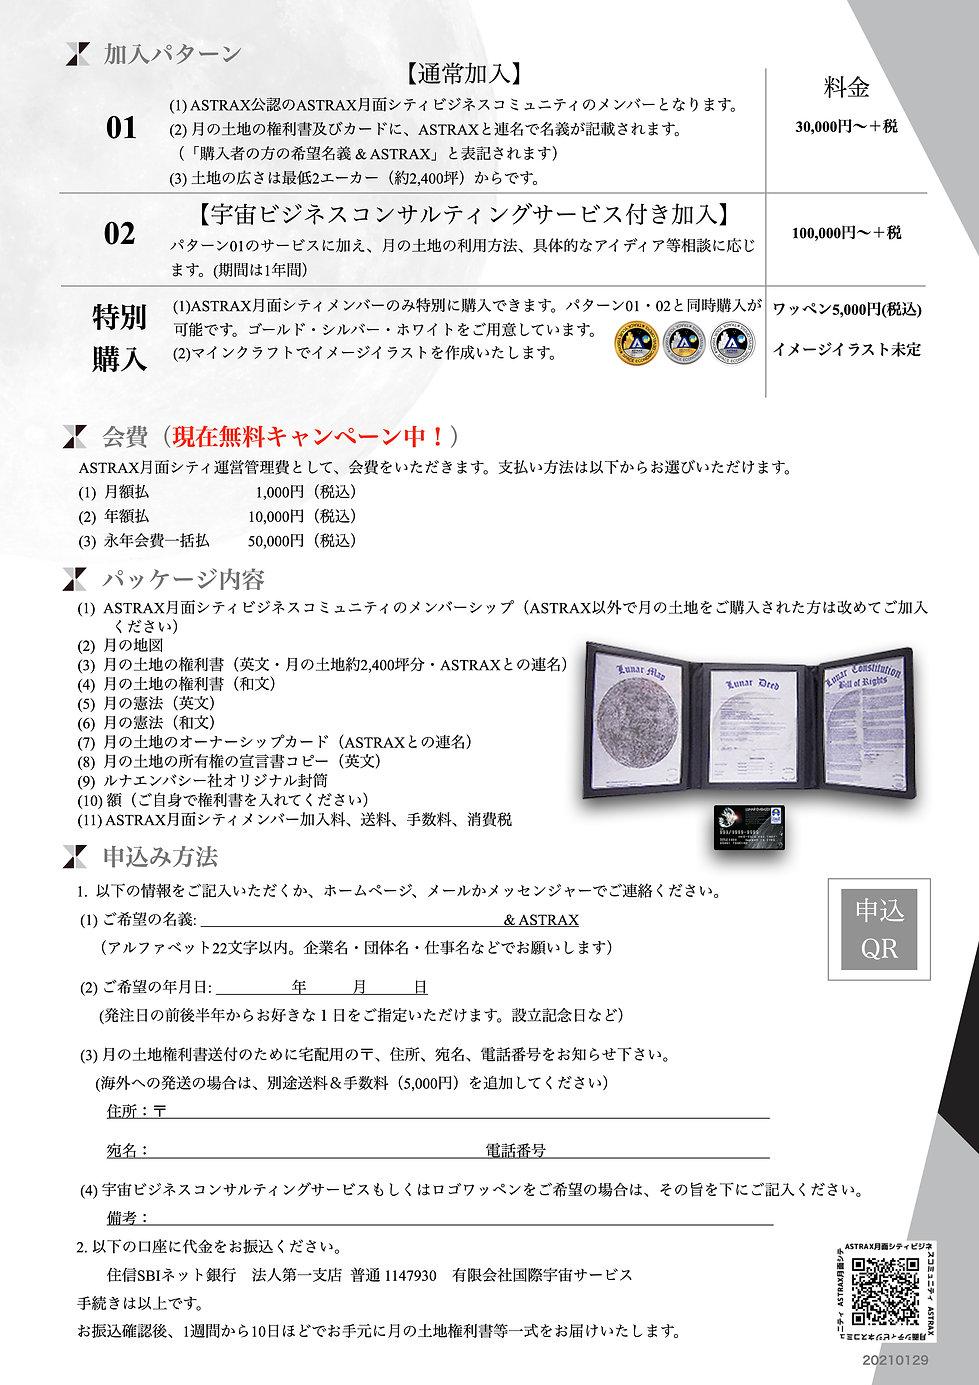 ASTRAX月面シティパンフレット(ビジネスコミュニティ)_20210129.0